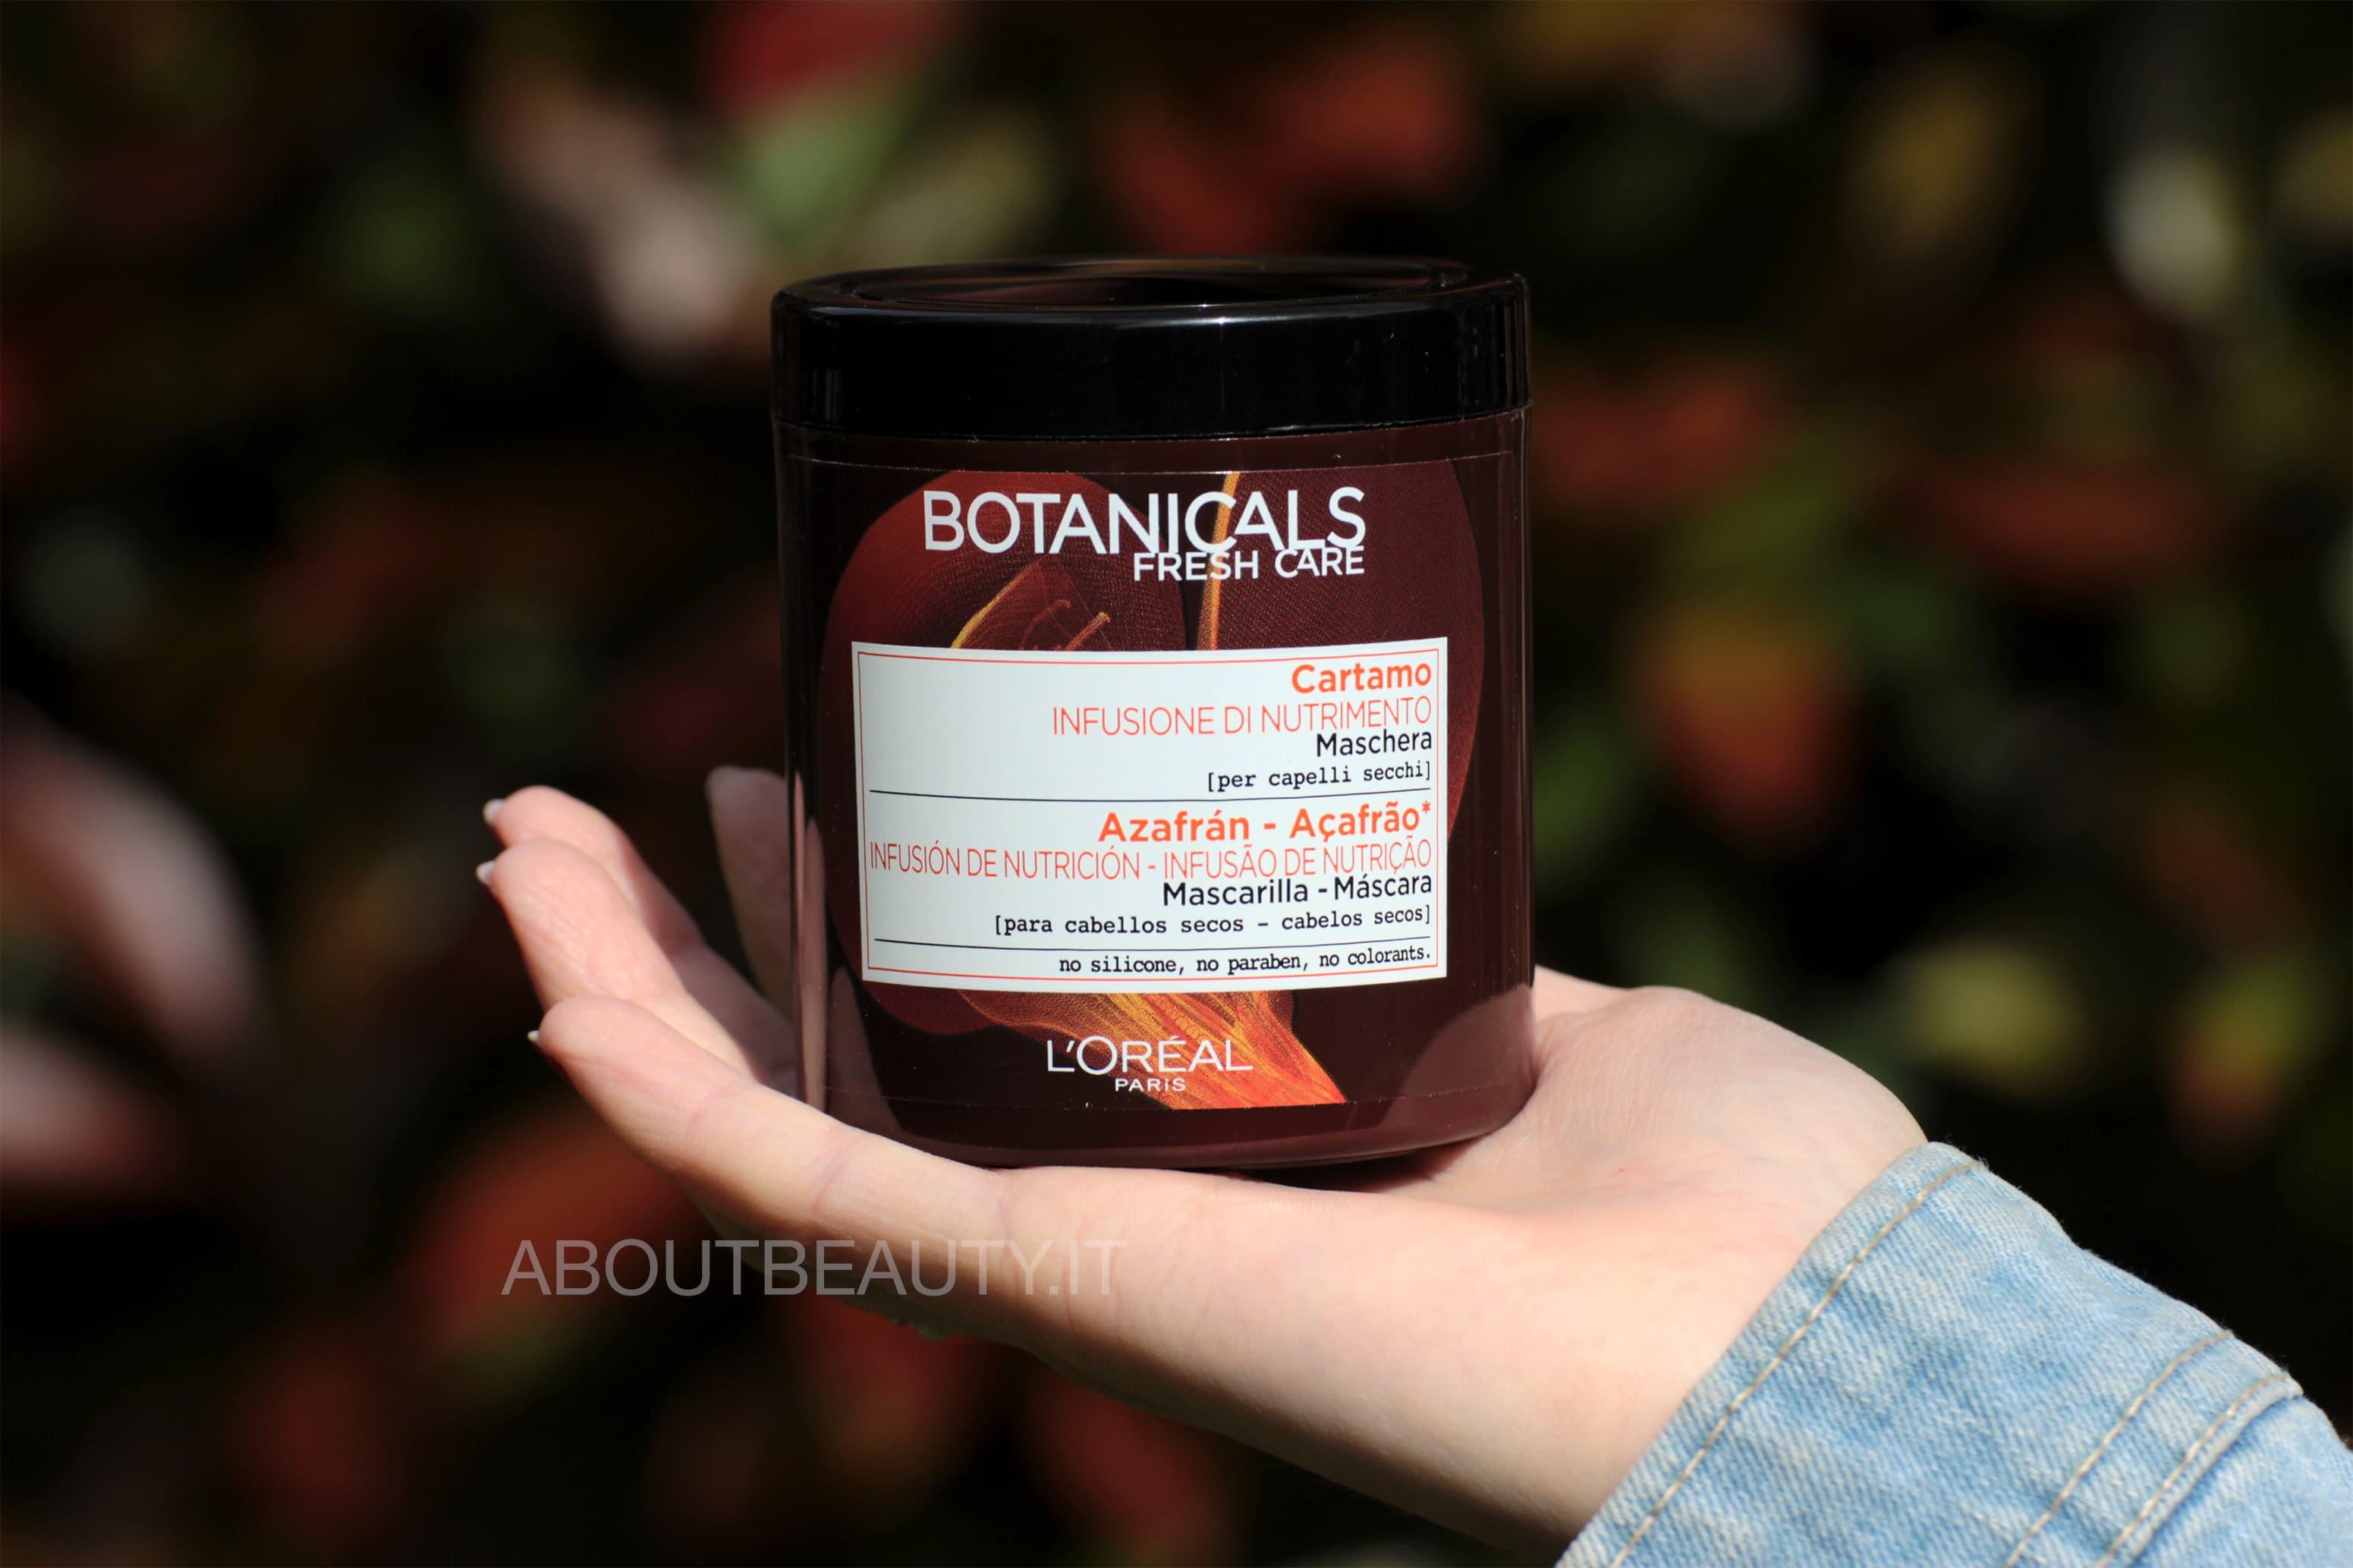 L'Oreal Botanicals Fresh Care, la linea al Cartamo per capelli secchi - Maschera nutriente